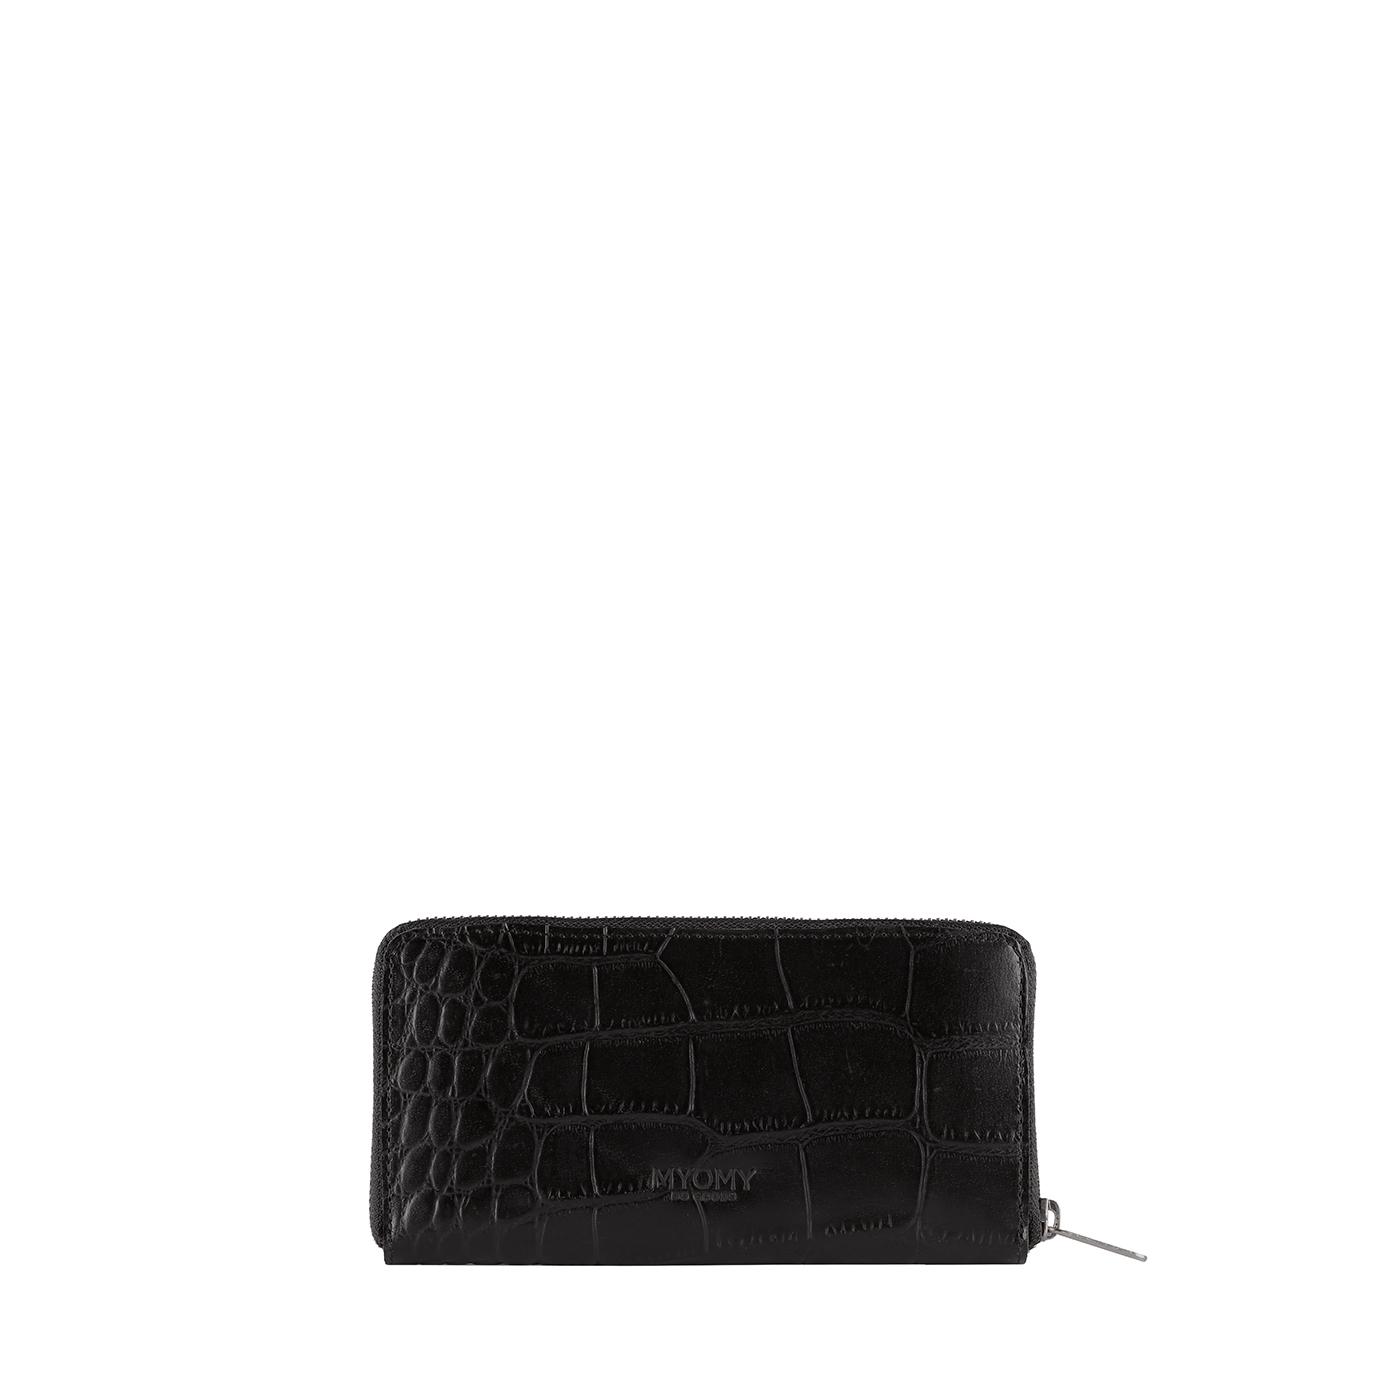 MY PAPER BAG Wallet Large - croco black